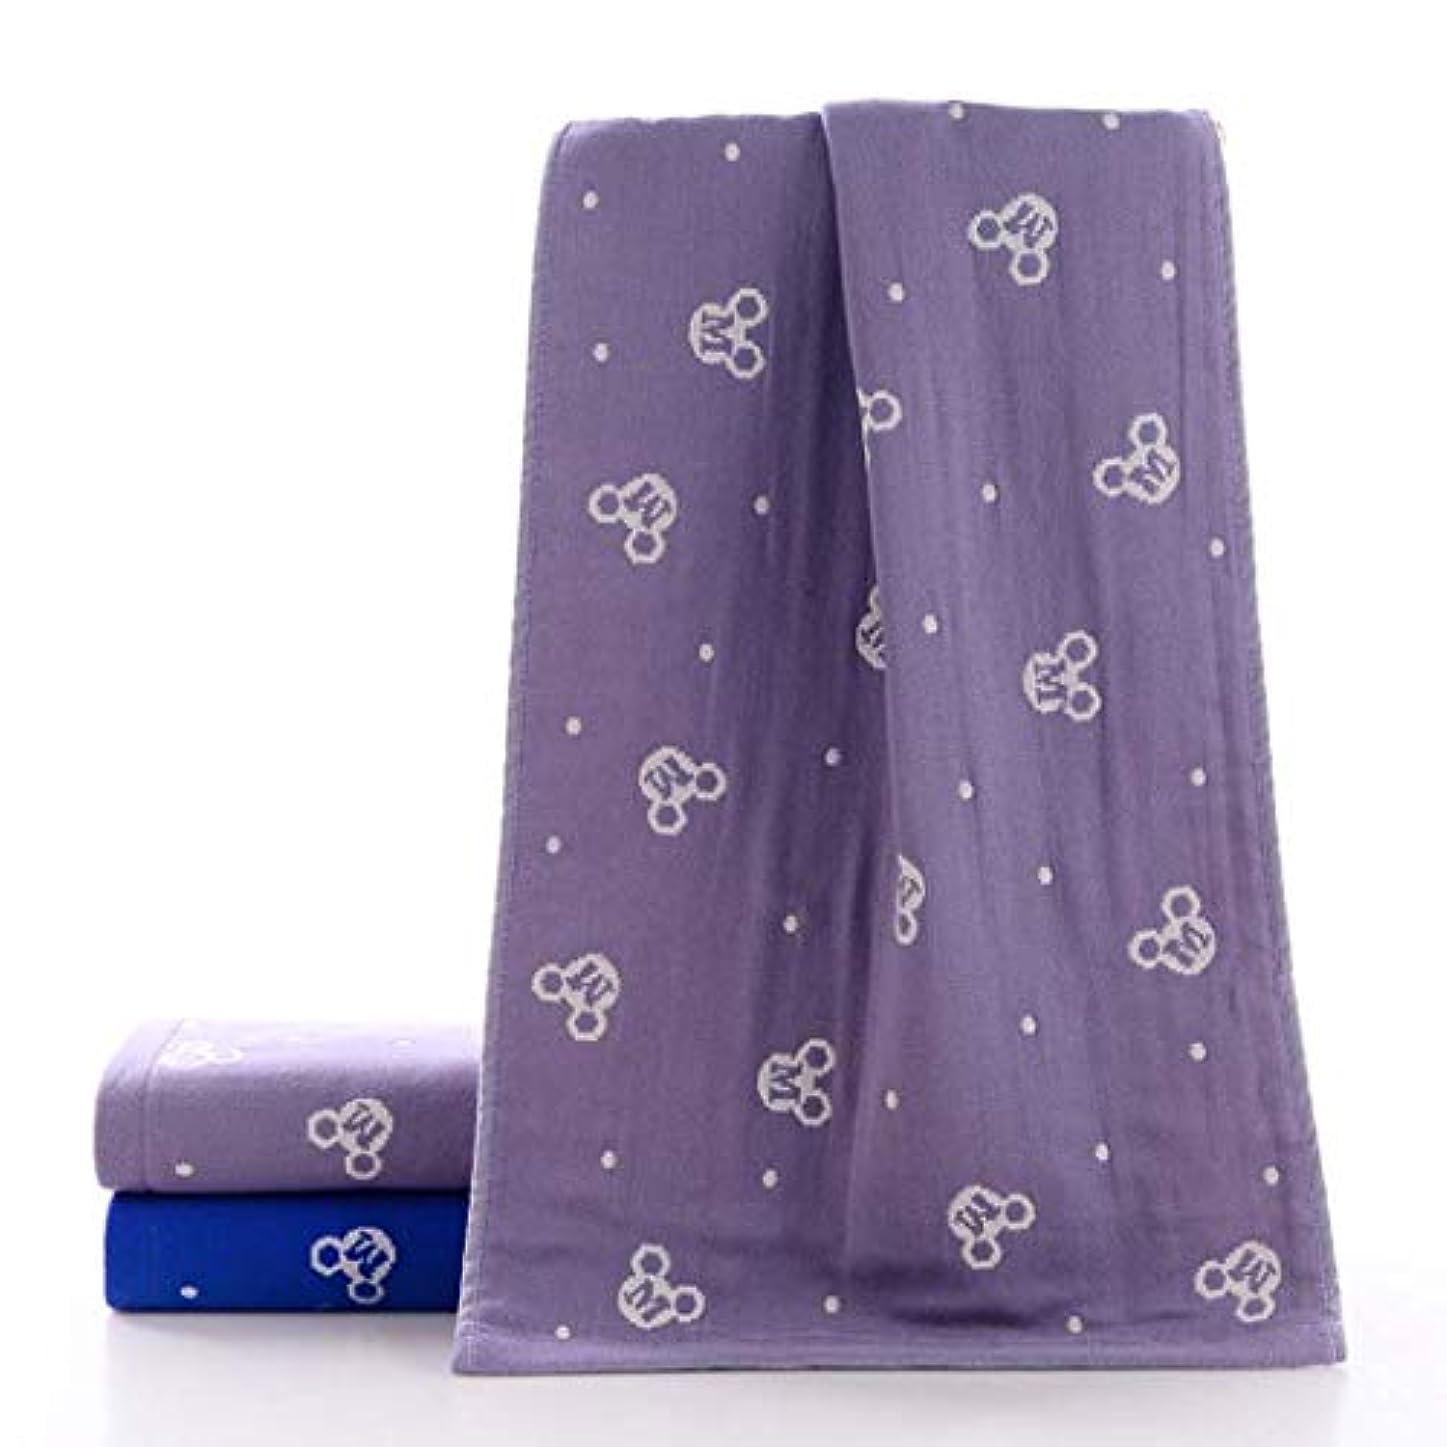 予防接種する咳嫌がらせ高級コットンバスタオルタオルドライタオルソフト快適,Purple,34*75cm